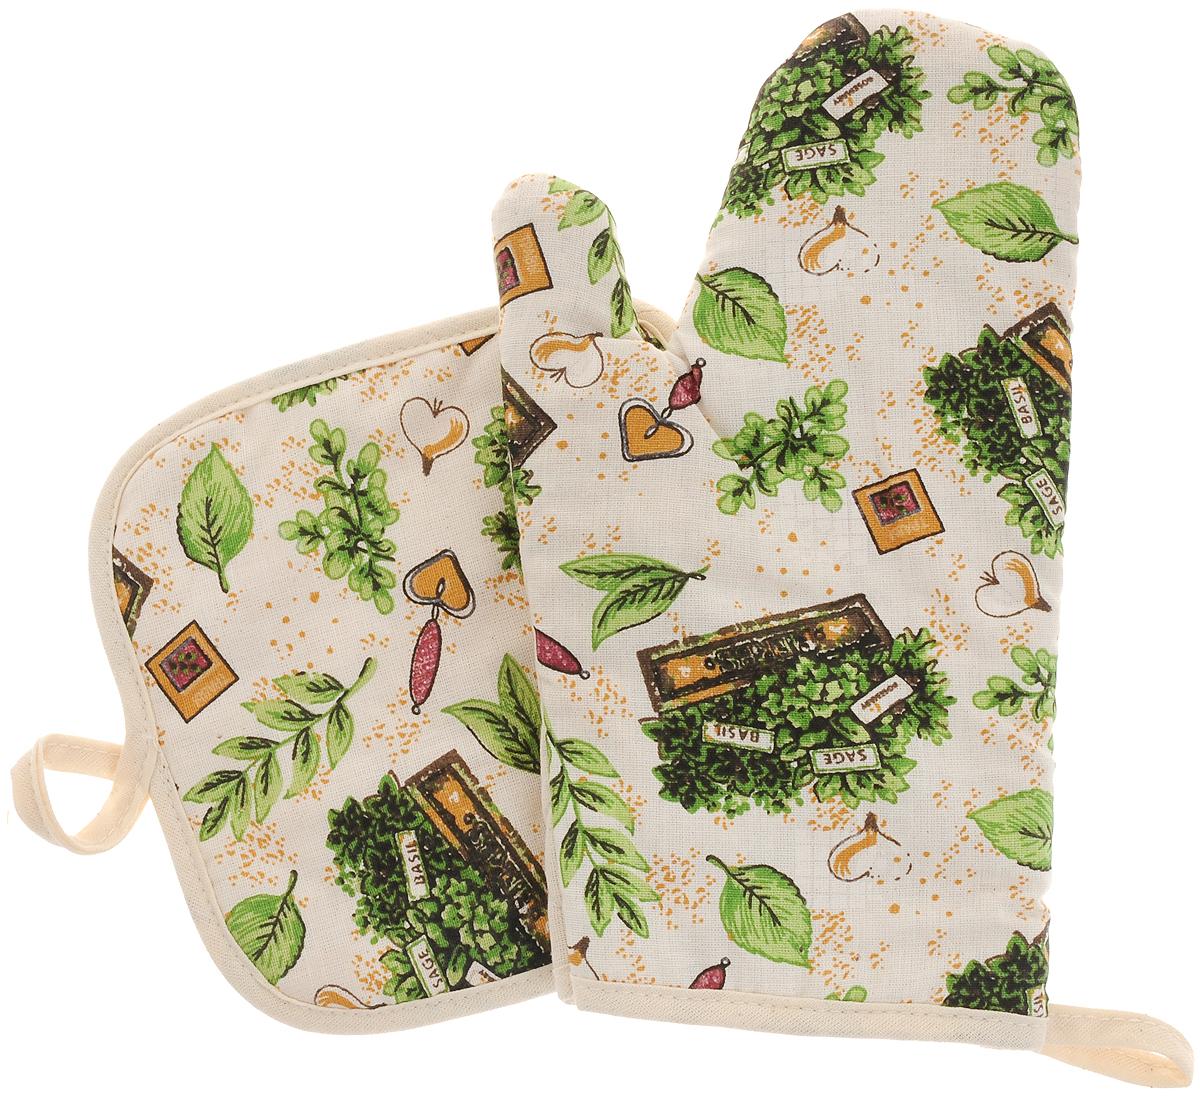 Набор прихваток Bonita Травы, 2 предметаVT-1520(SR)Набор Bonita Травы состоит из прихватки-рукавицы и квадратной прихватки. Изделия выполнены из натурального хлопка и декорированы оригинальным рисунком. Прихватки простеганы, а края окантованы. Оснащены специальными петельками, за которые их можно подвесить на крючок в любом удобном для вас месте. Такой набор красиво дополнит интерьер кухни. Размер прихватки-рукавицы: 16 х 28 см.Размер прихватки: 17 х 17 см.